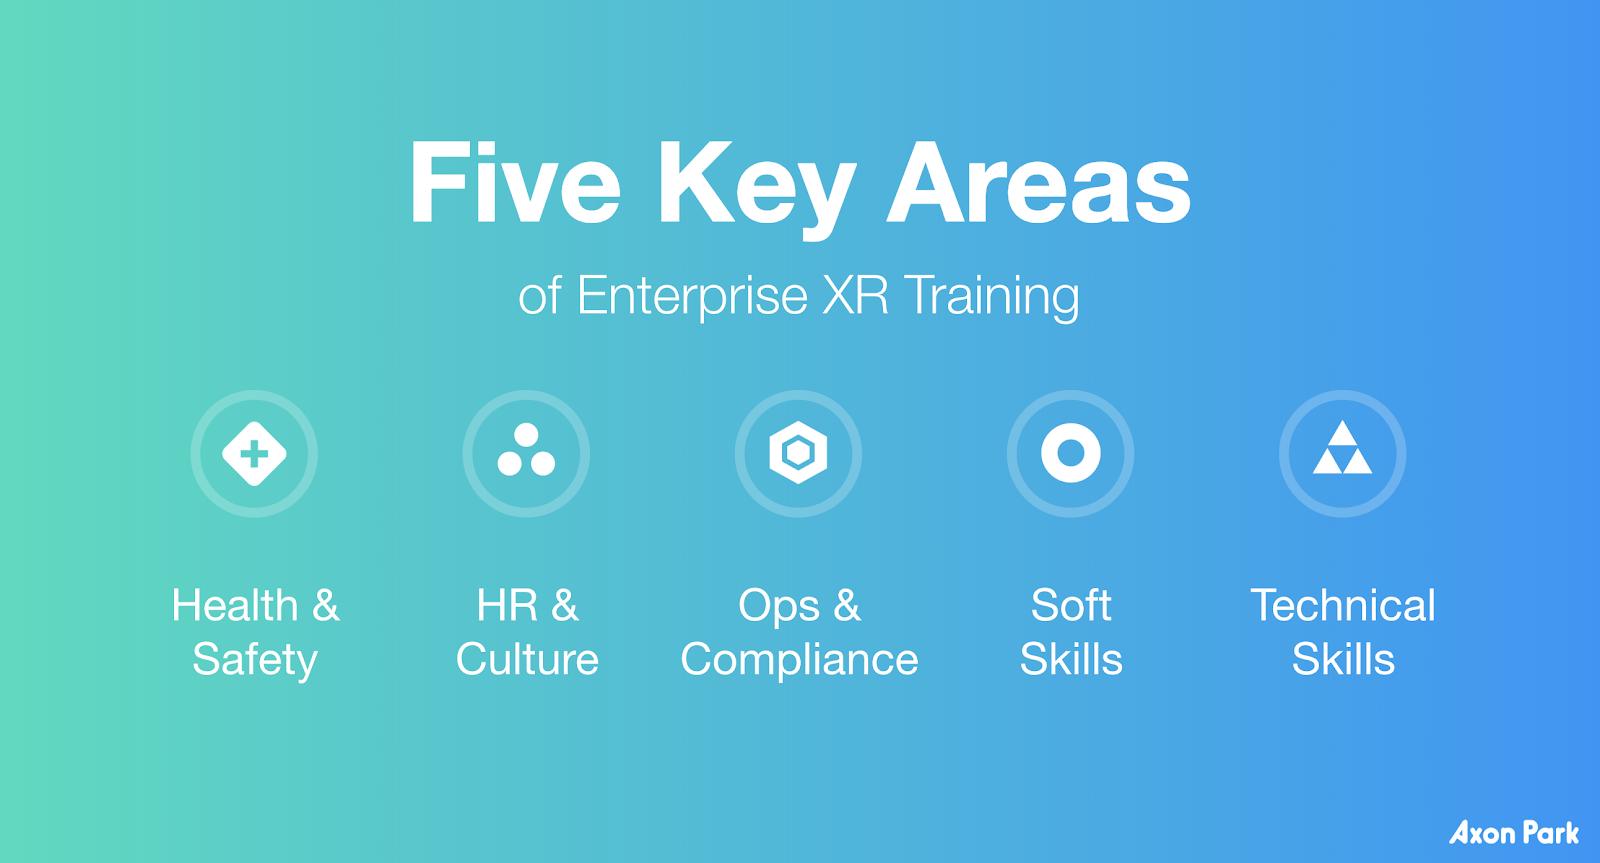 XR Training Areas